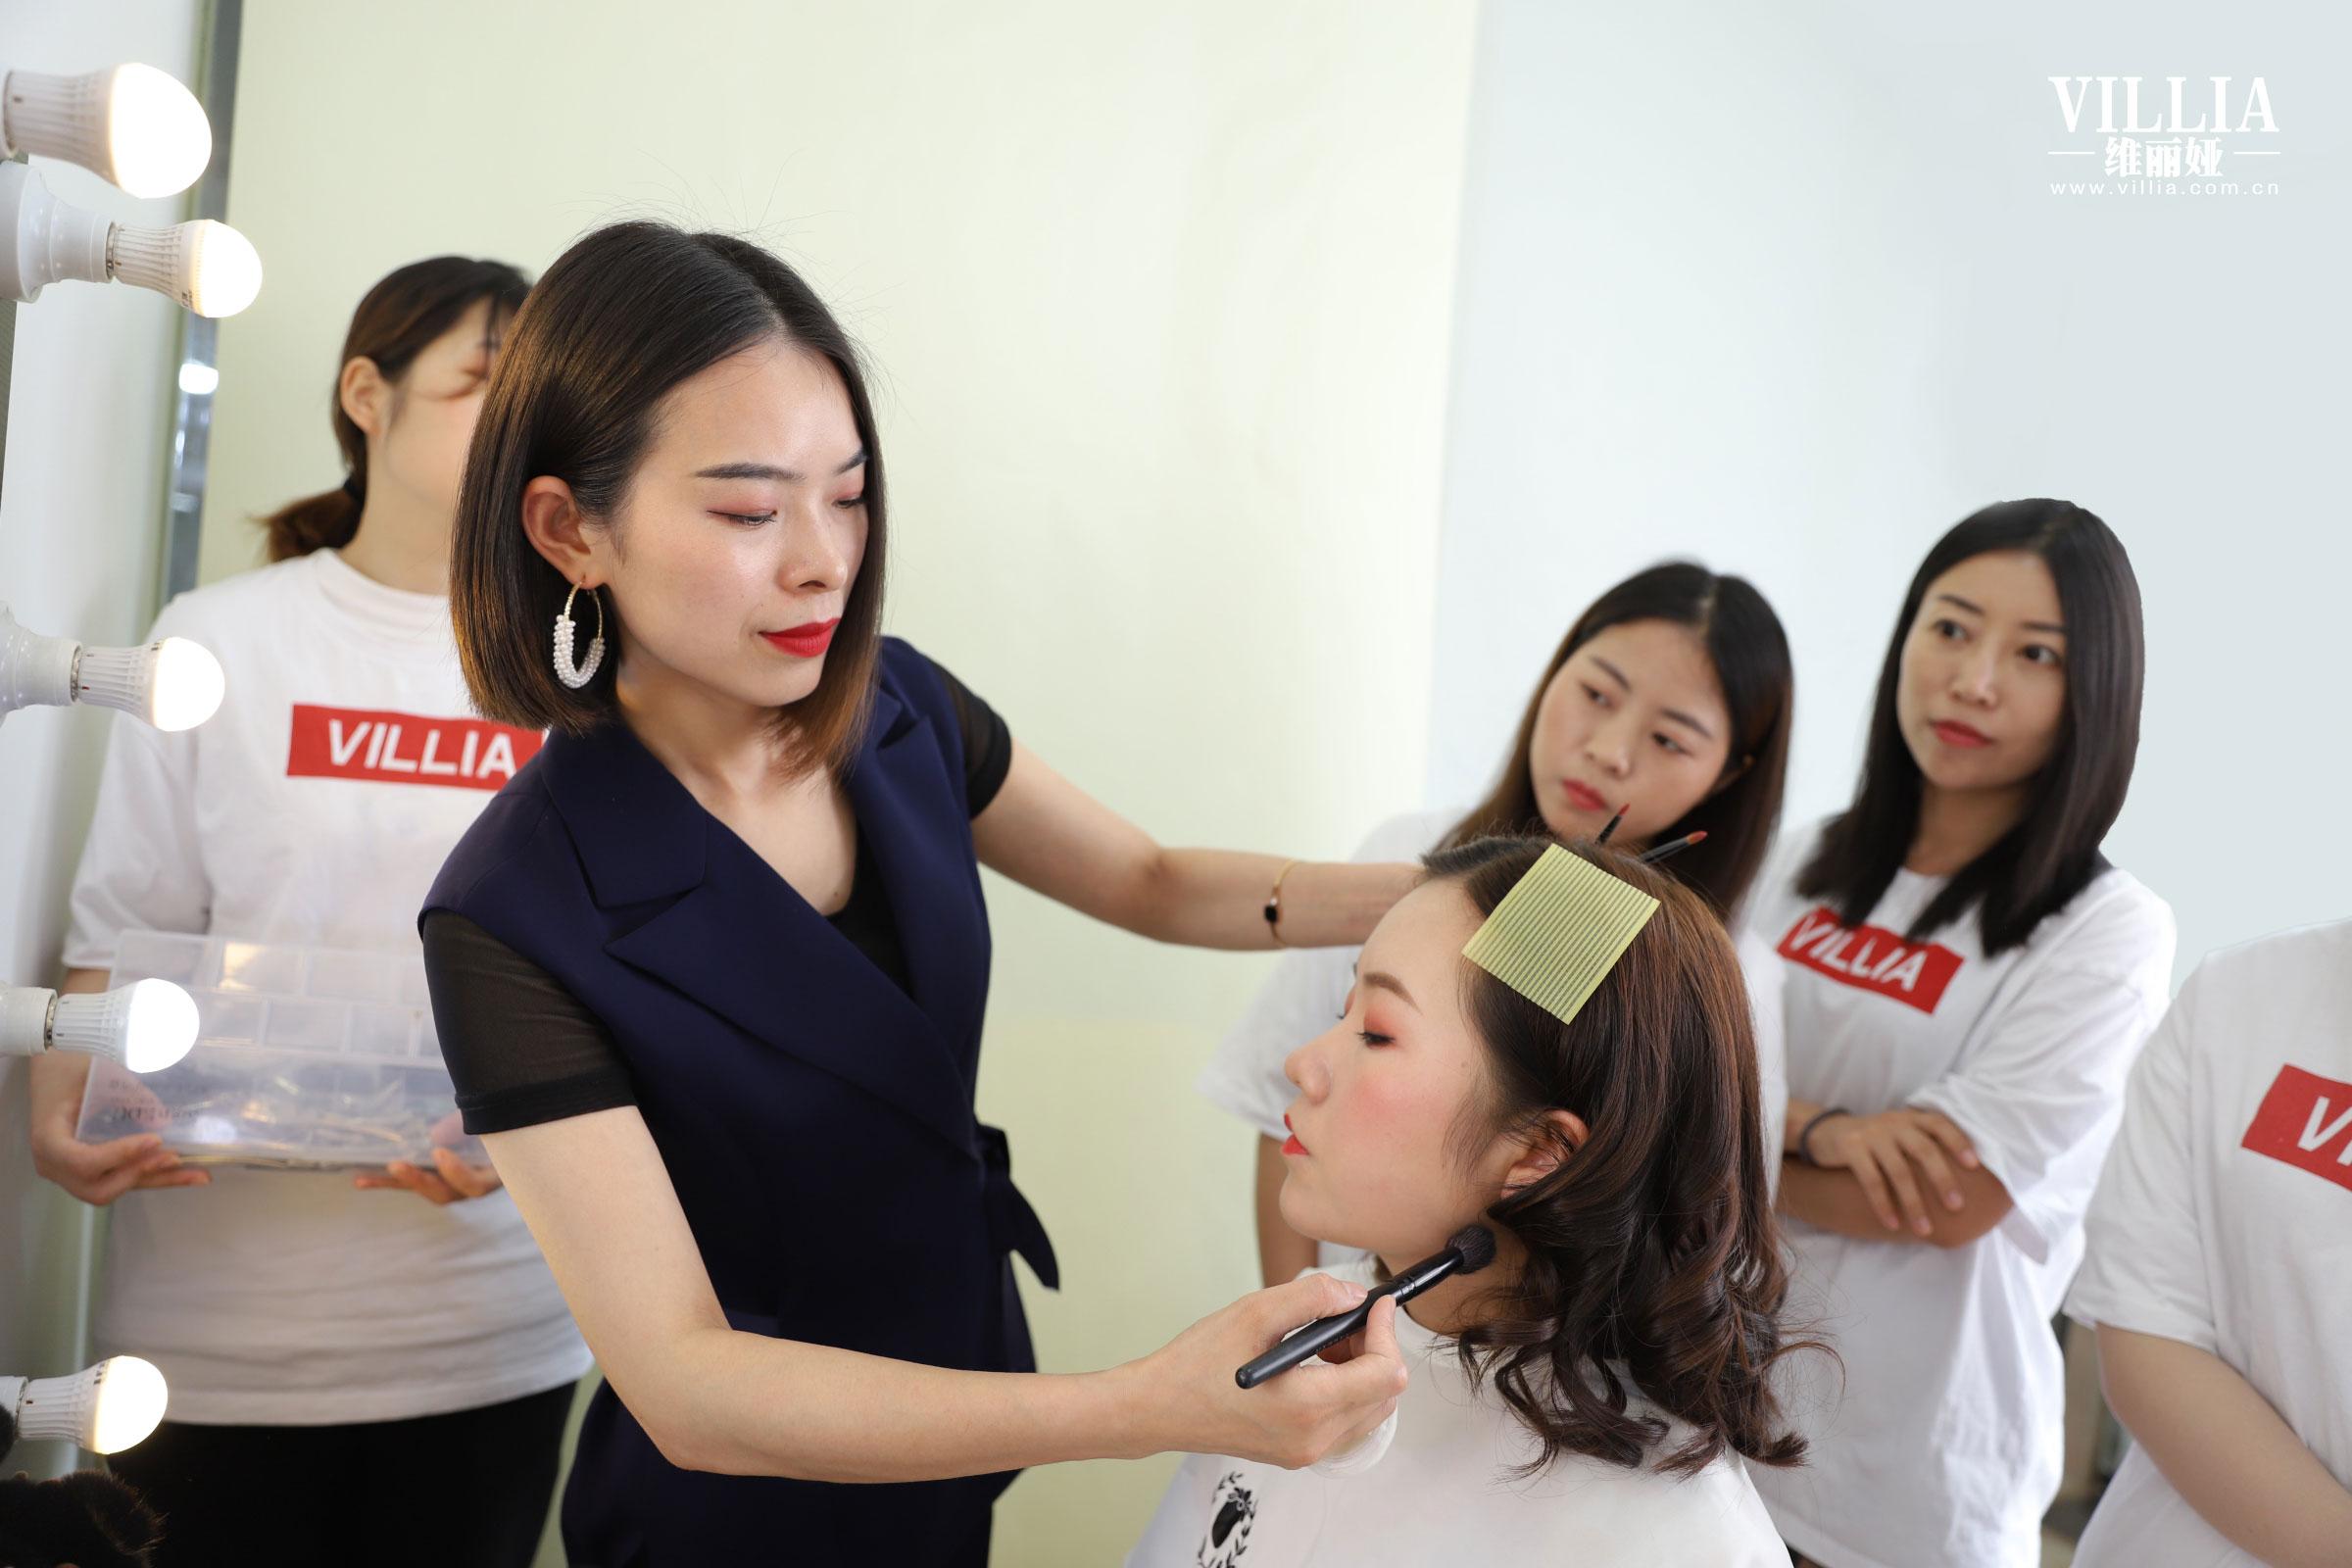 学化妆大概要学多久?能学到什么程度,能就业吗?